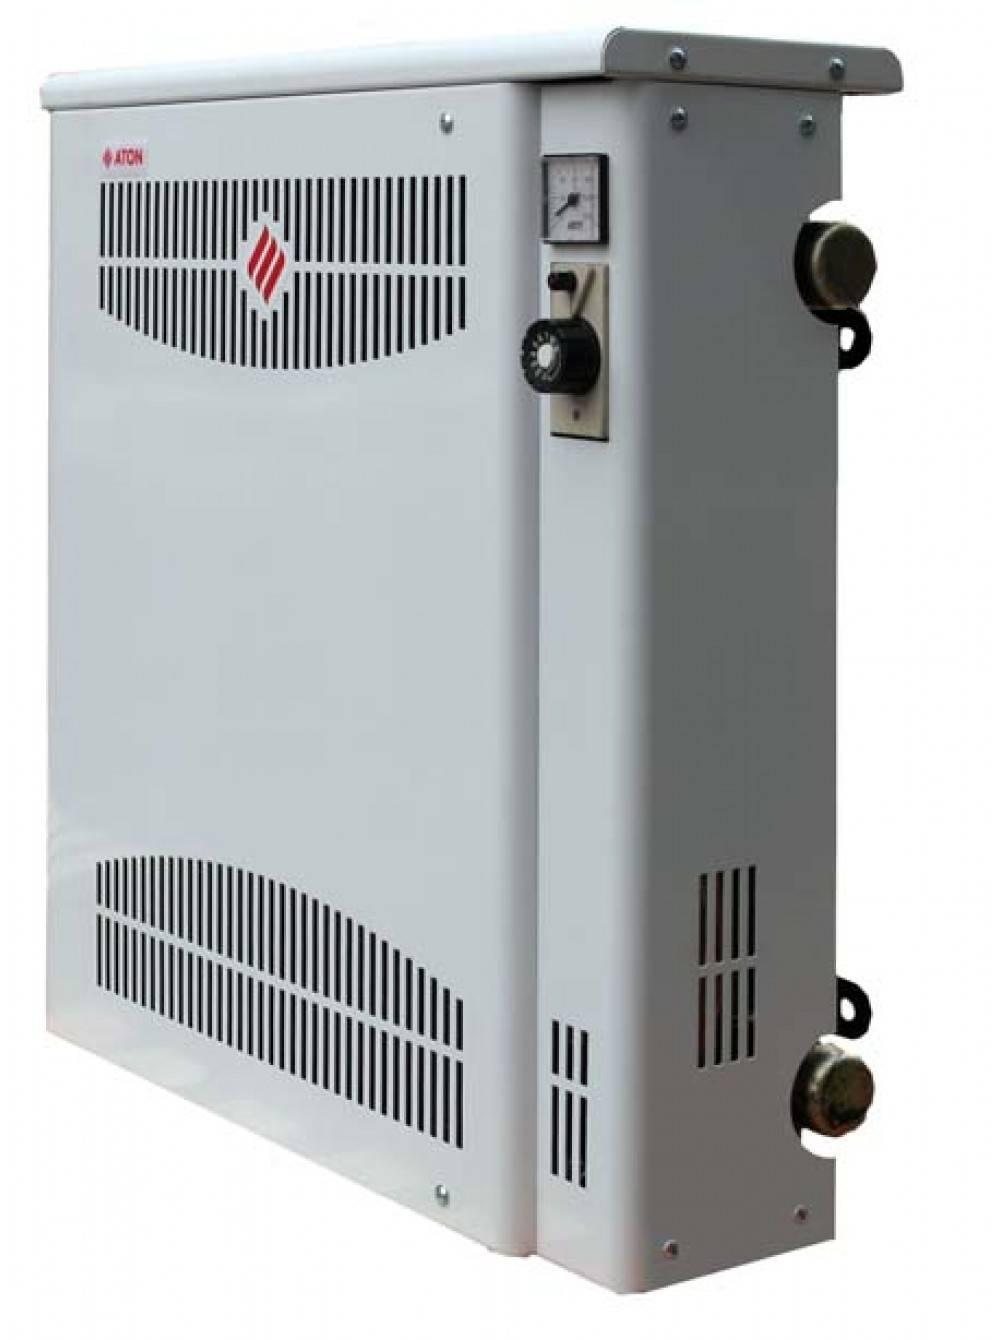 Газовый котел лемакс инструкция и технические характеристики